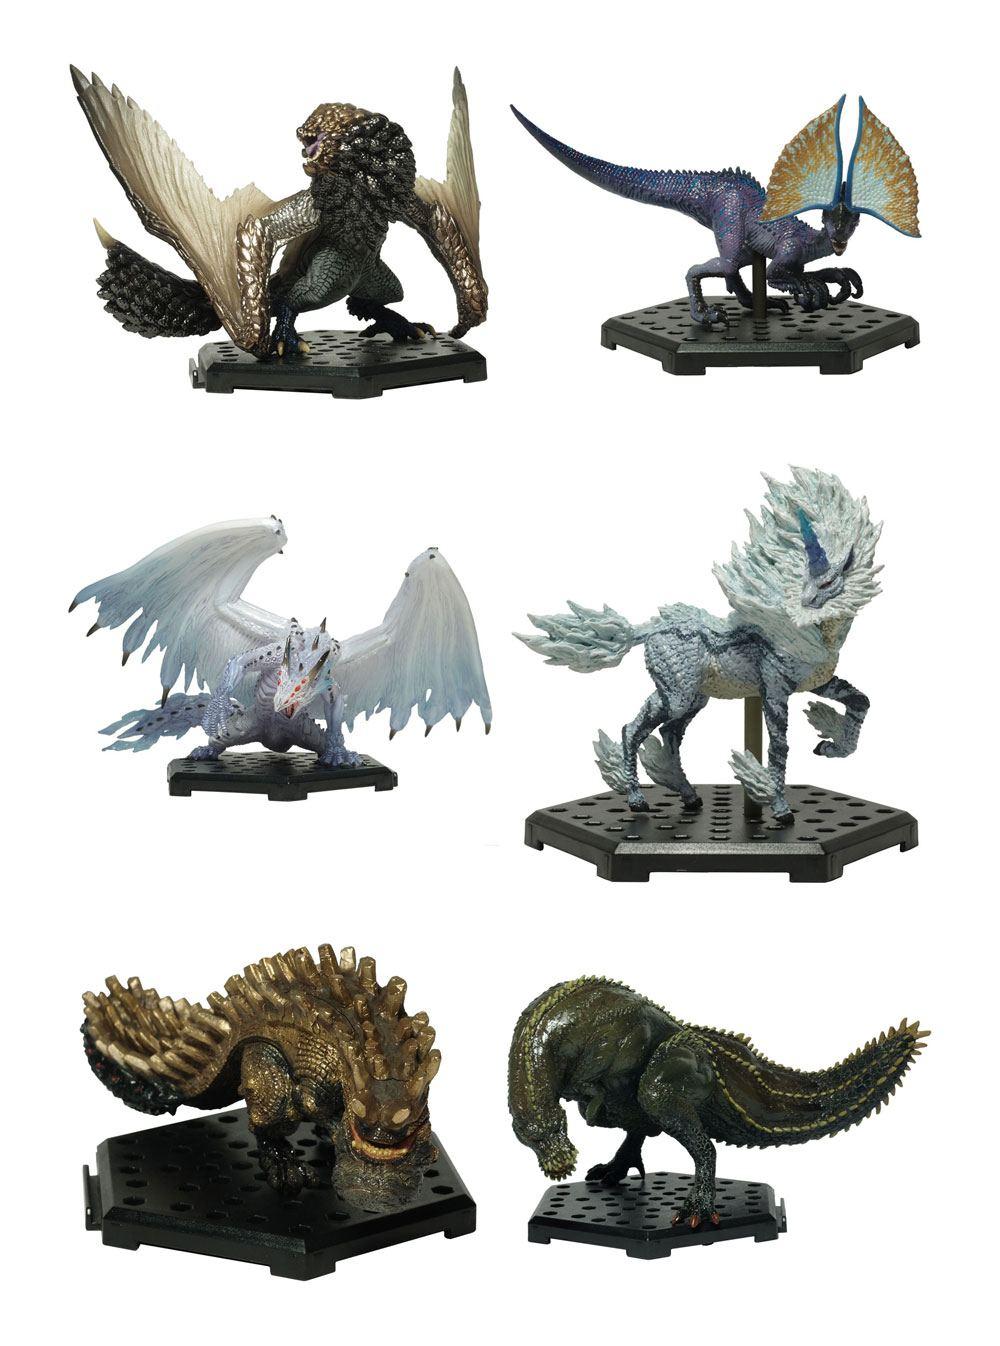 Monster Hunter Trading Figures 10 - 15 cm CFB MH Standard Model Plus Vol. 12 Assortment (6)